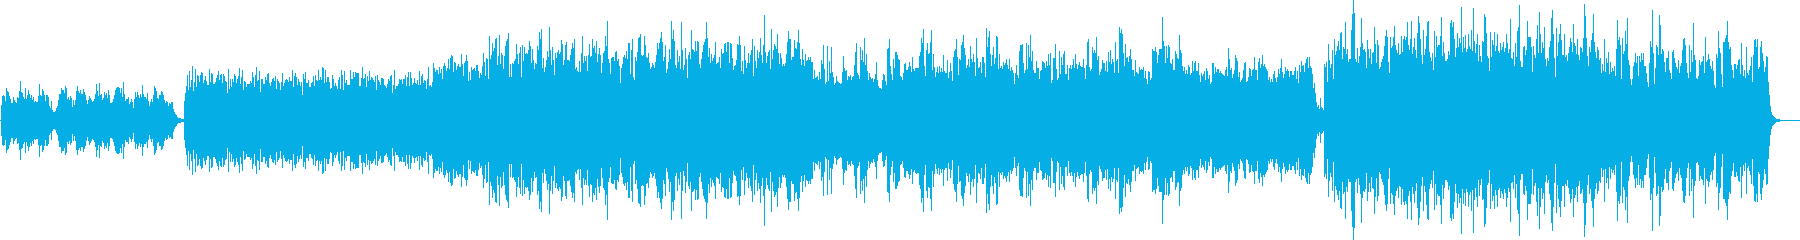 神秘的なプログレッシブ。遠方のリズ...の再生済みの波形